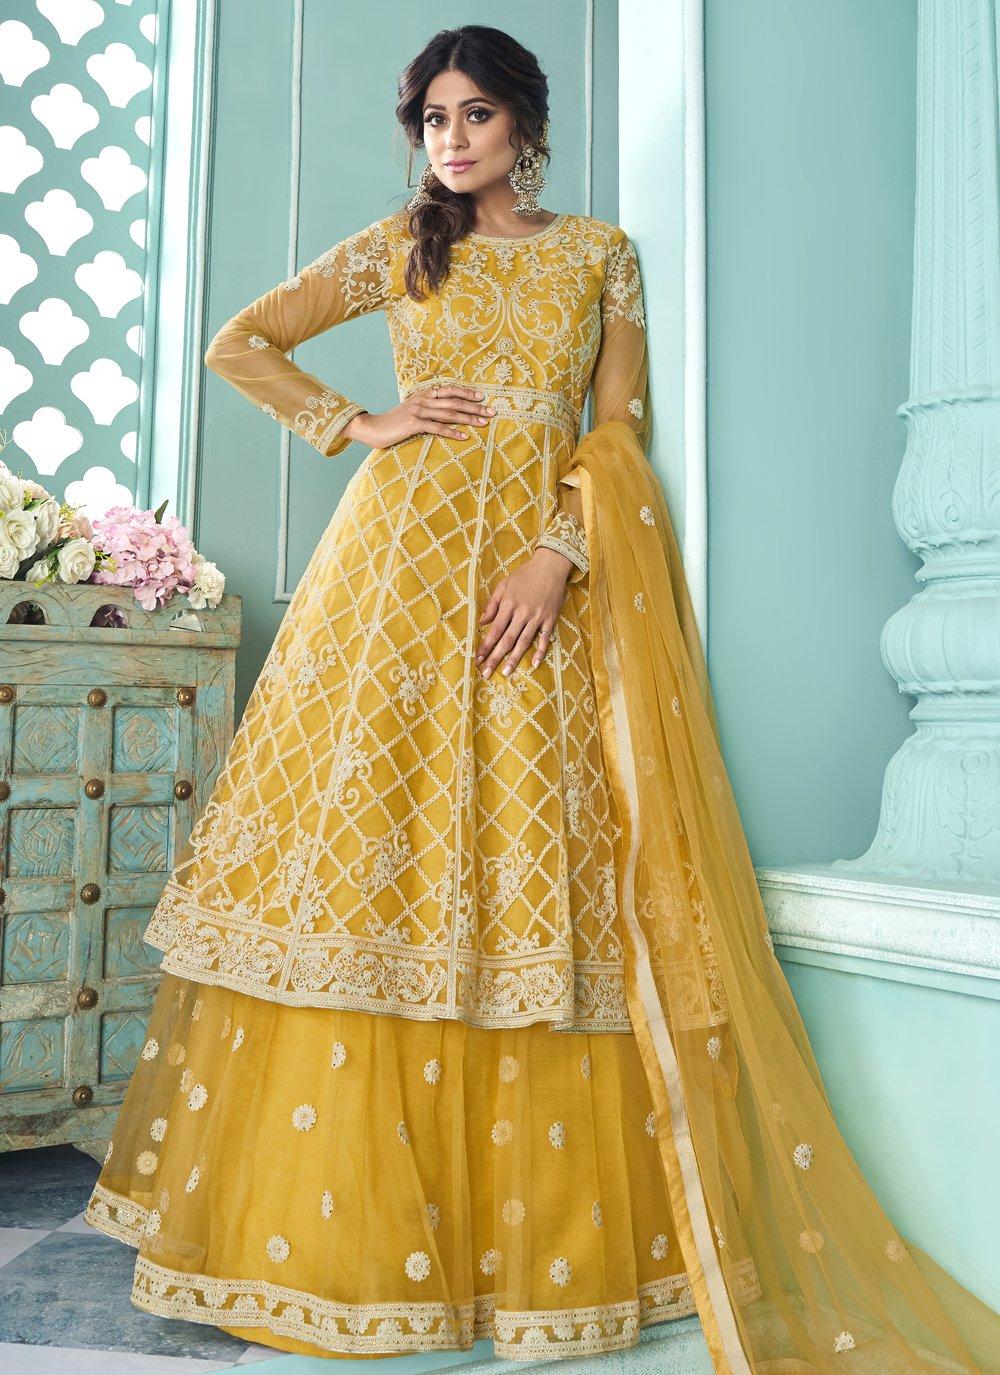 Shamita Shetty Genius Yellow Long Choli Lehenga